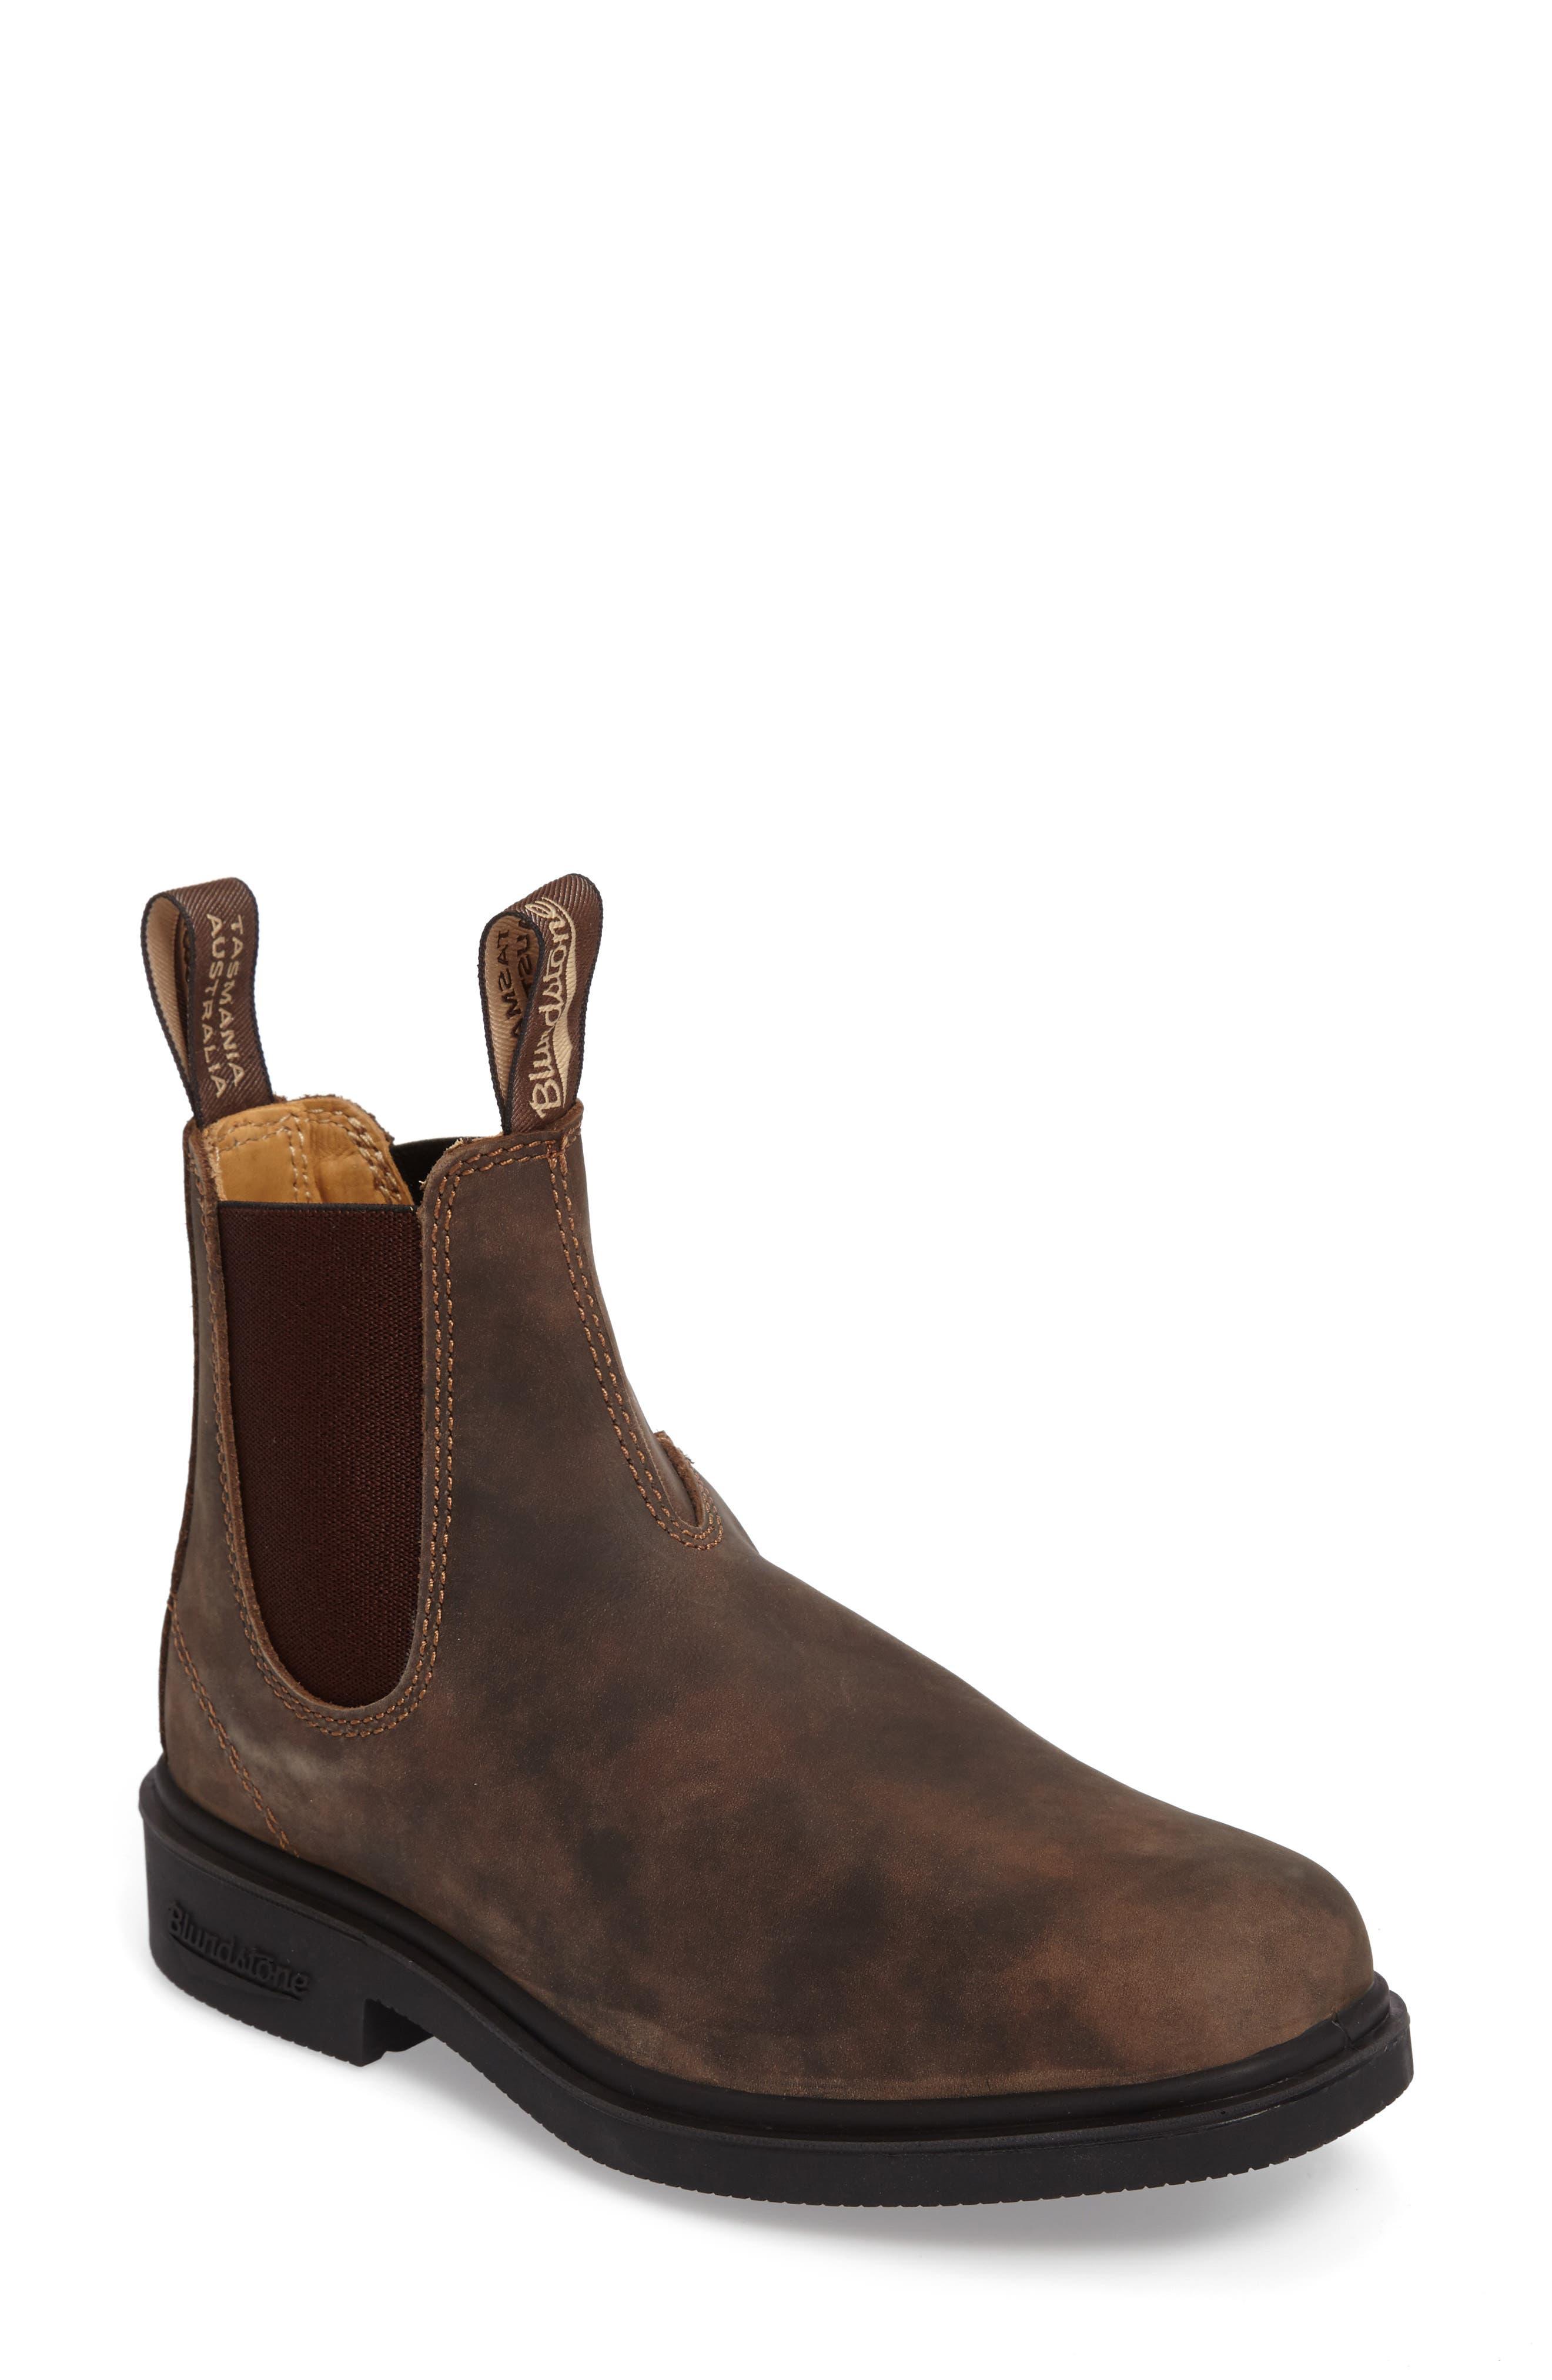 Blundstone Footwear Chelsea Boot (Women)